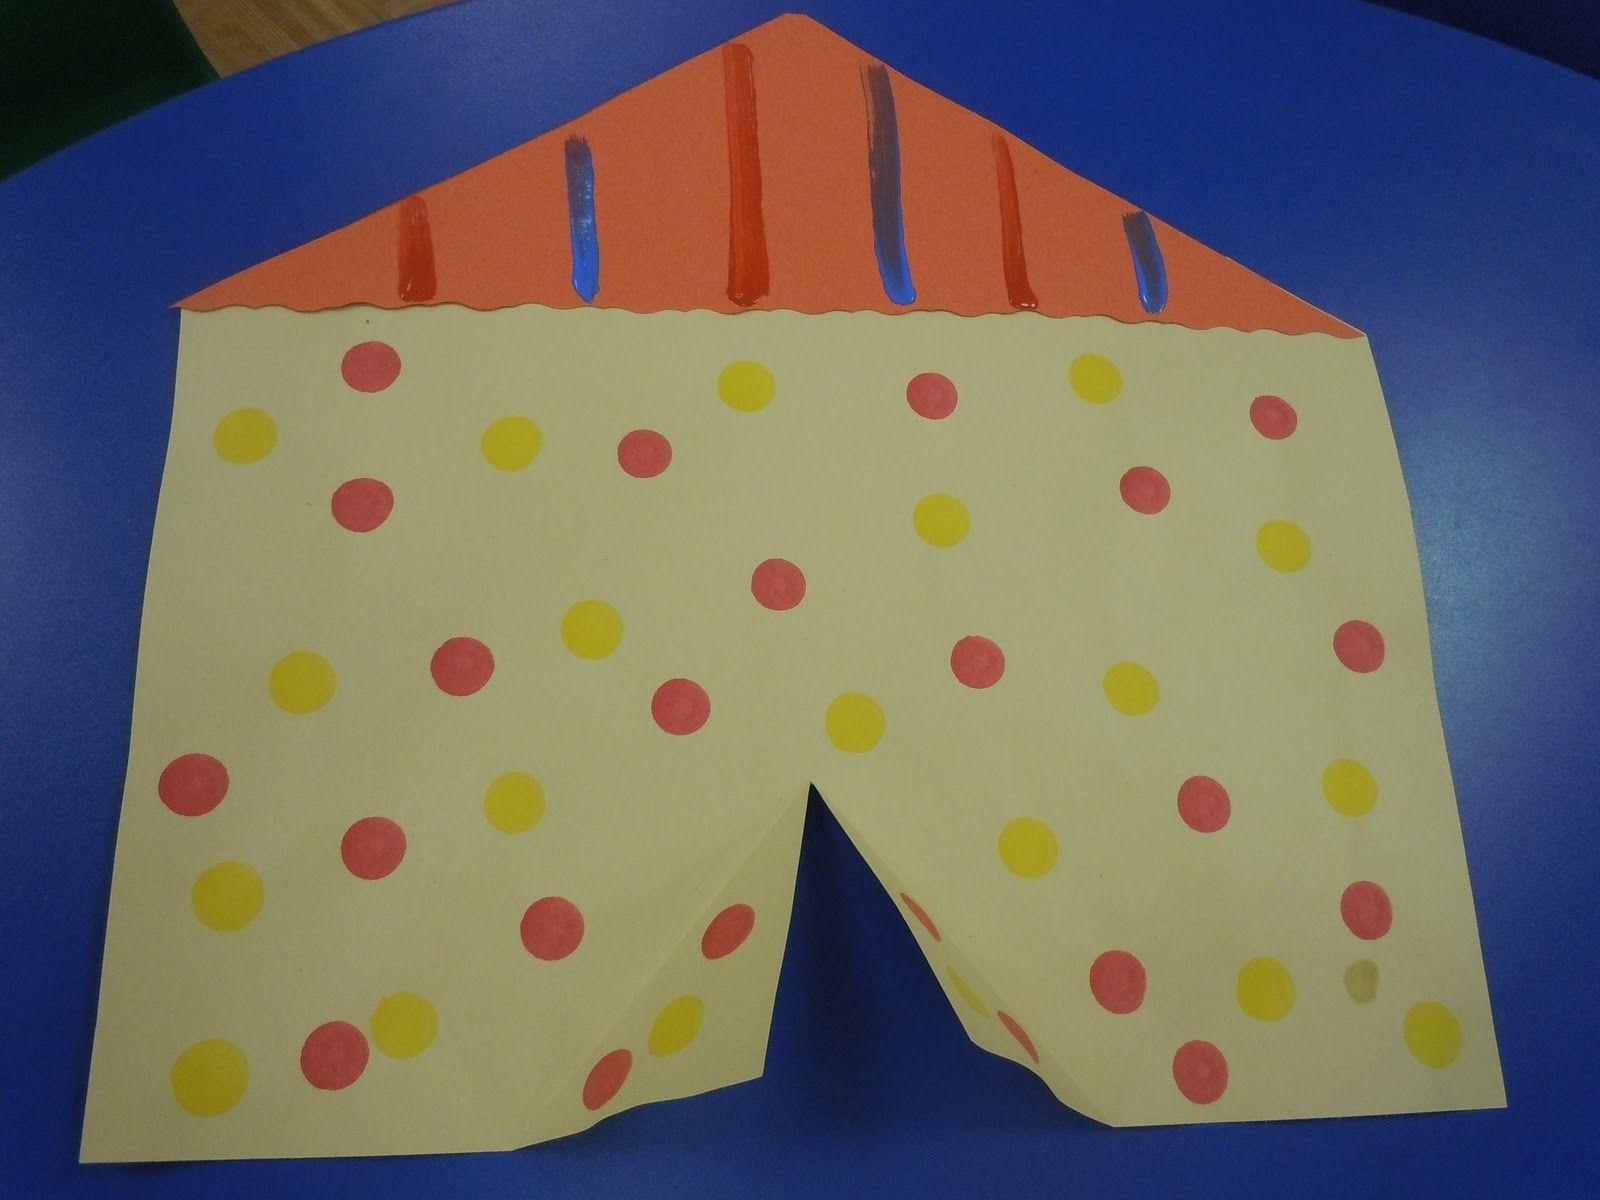 Construction paper tent